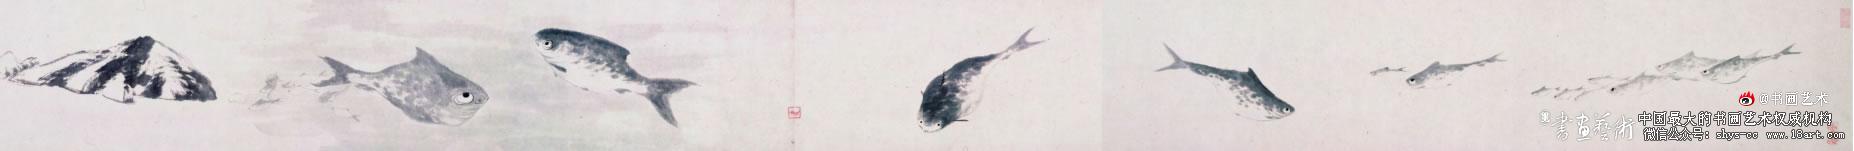 八大山人 鱼鸭图 569.5cm×23.2cm 上海博物馆藏 局部